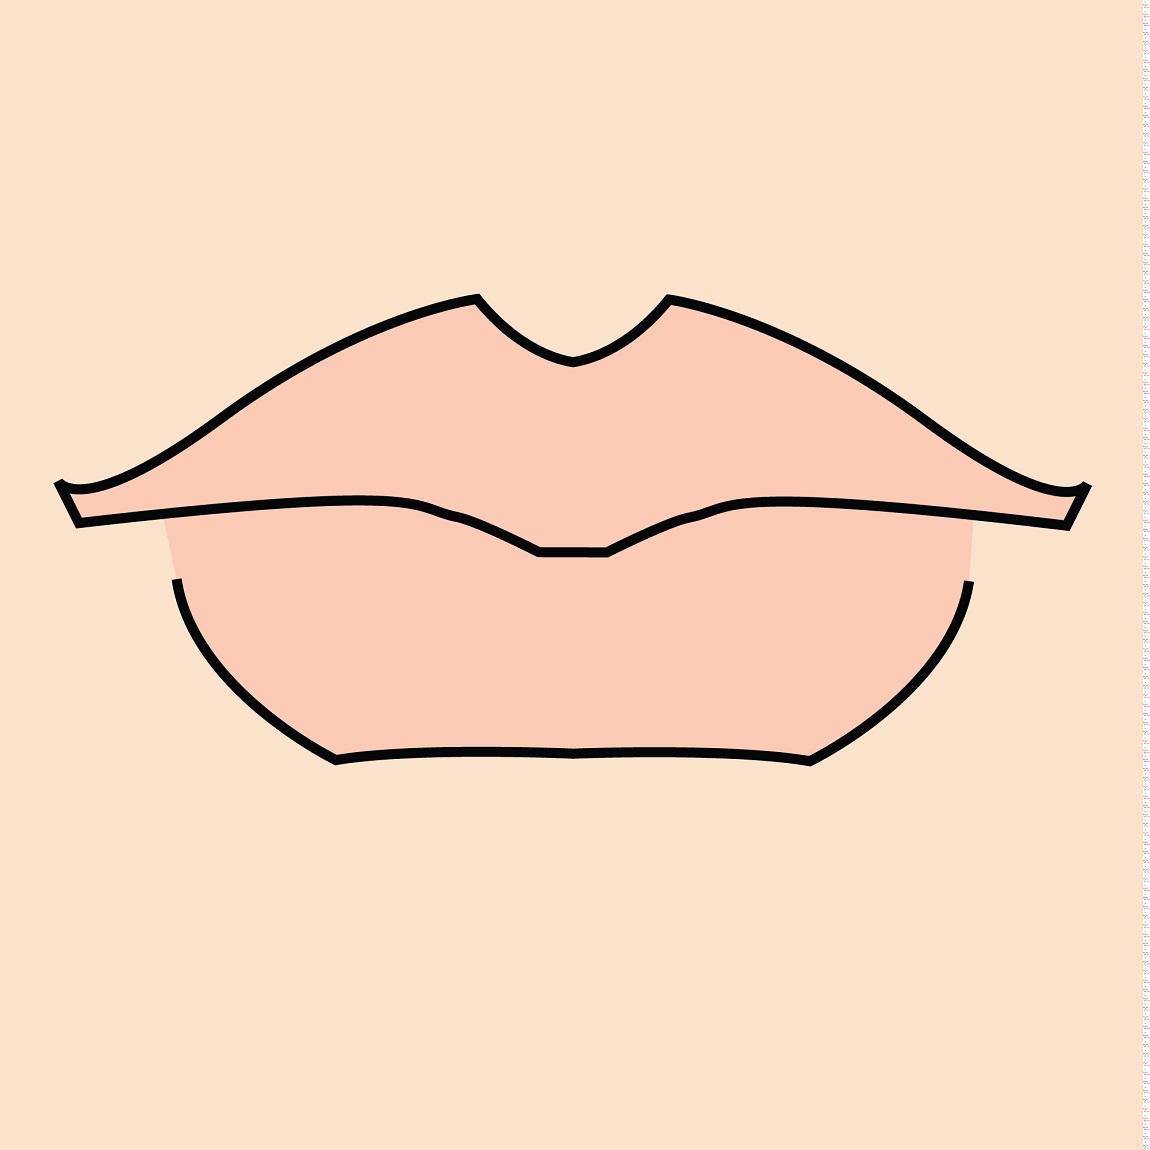 come si fa il contouring delle labbra grosse